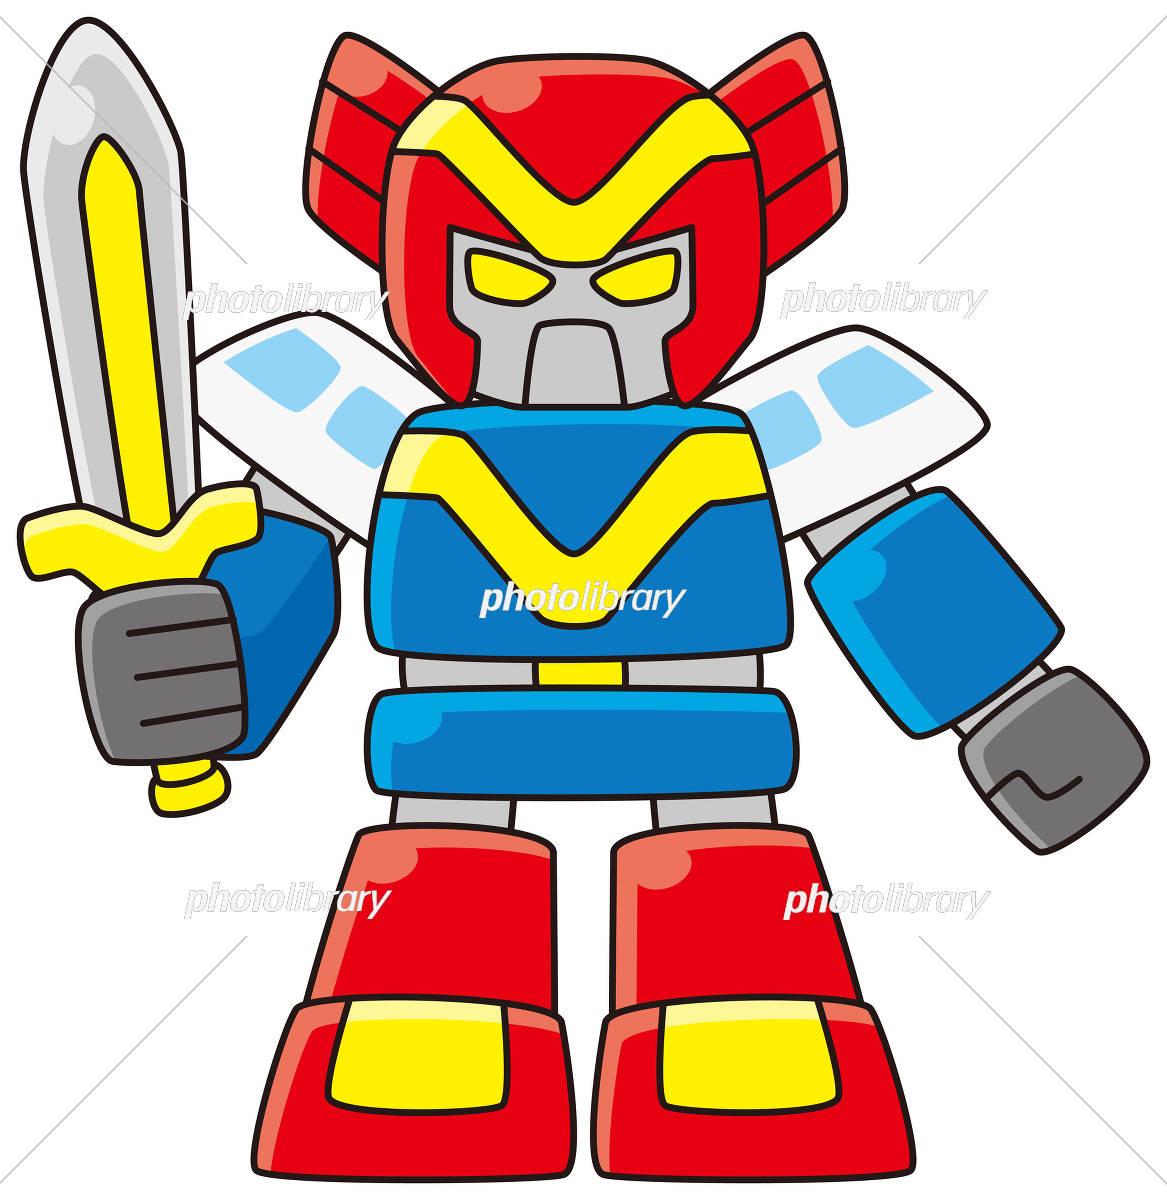 戦隊ヒーロー風ロボット イラスト素材 5781687 フォトライブラリー